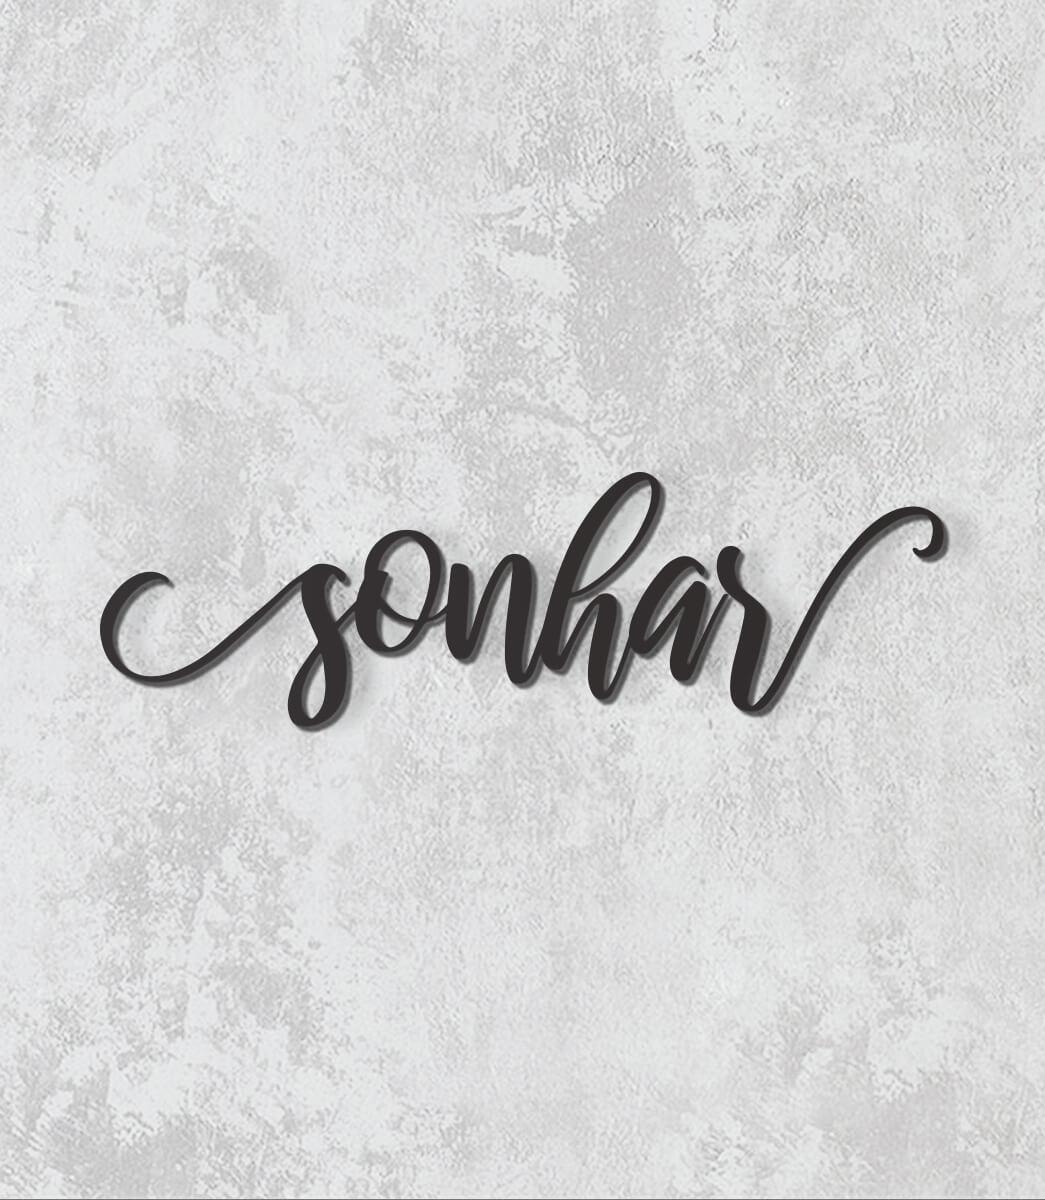 Palavras de parade - Sonhar